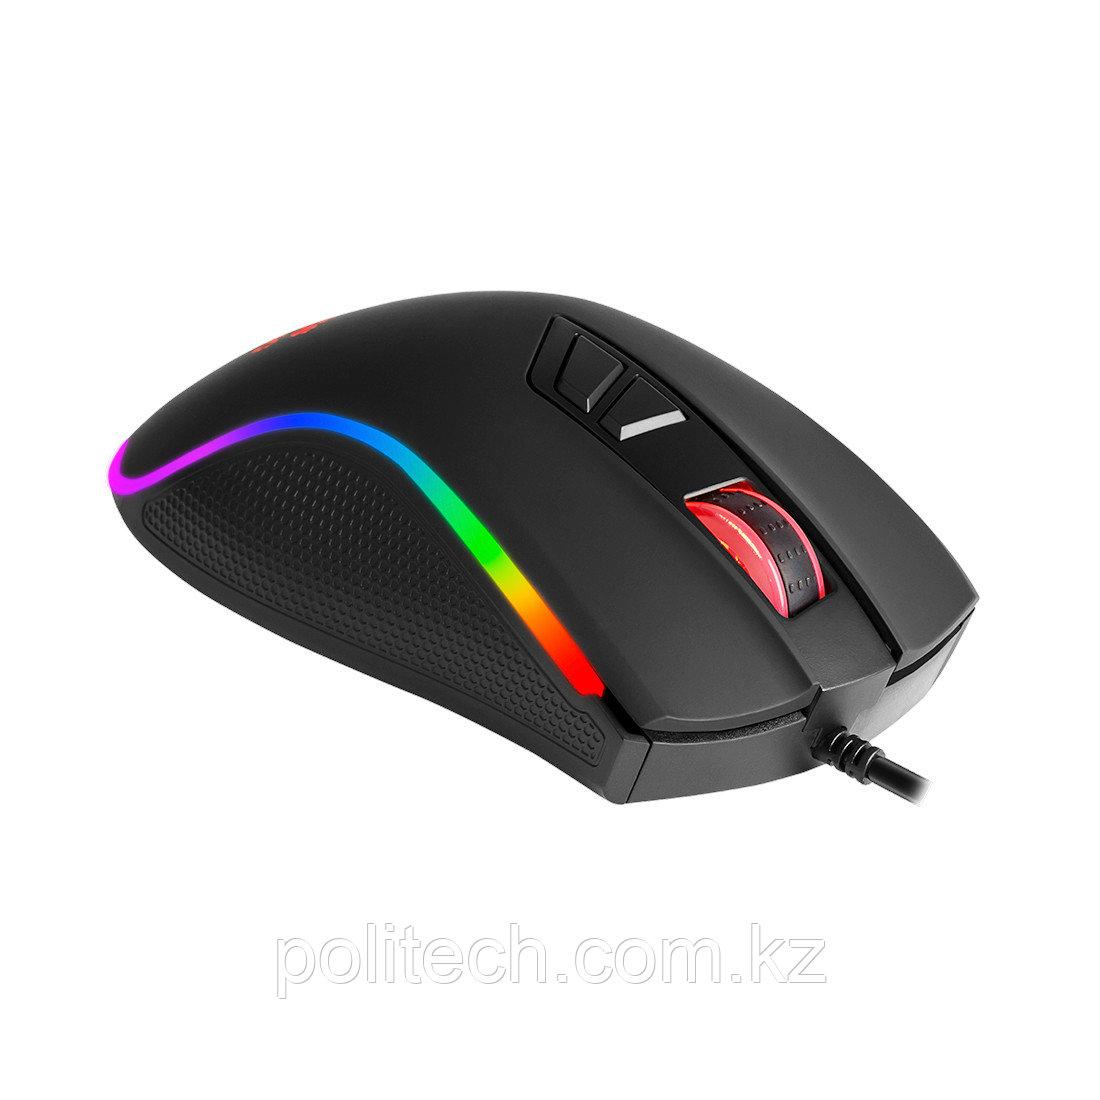 Компьютерная мышь Mars Gaming MM218